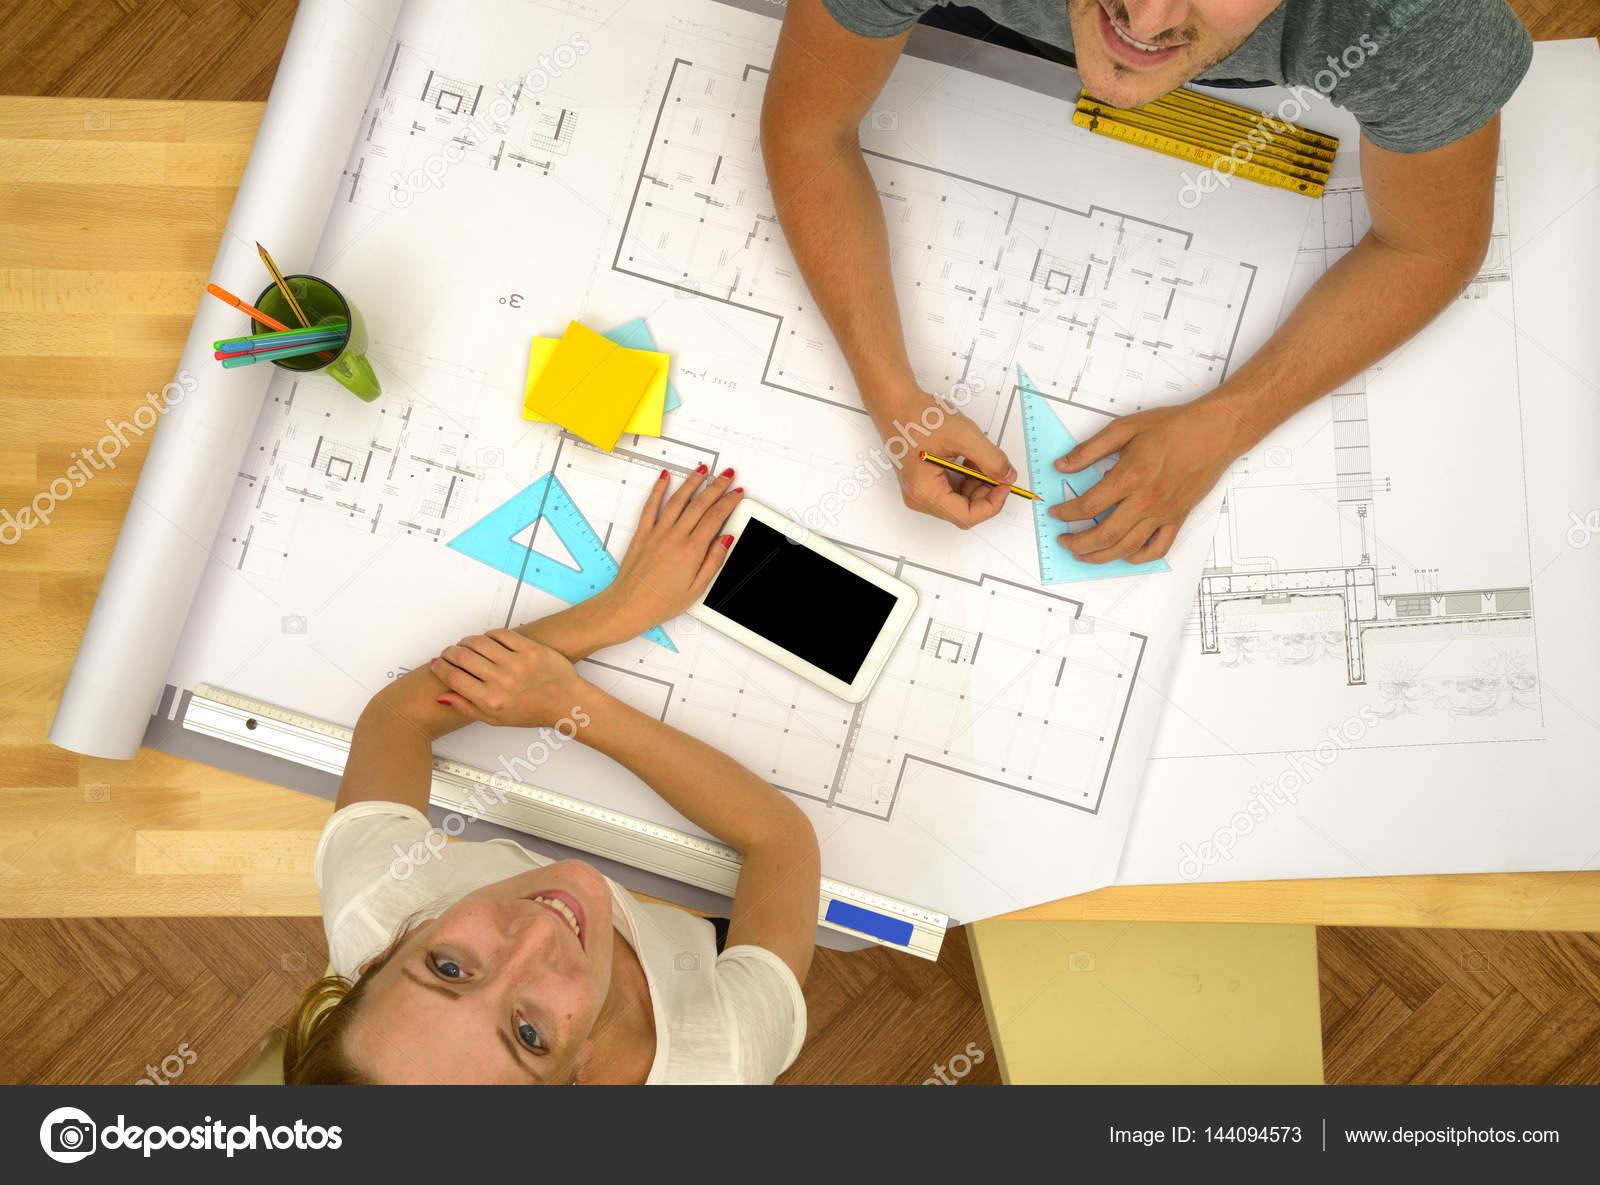 Architekten arbeiten hohe Winkel Projektansicht — Stockfoto © katy89 ...